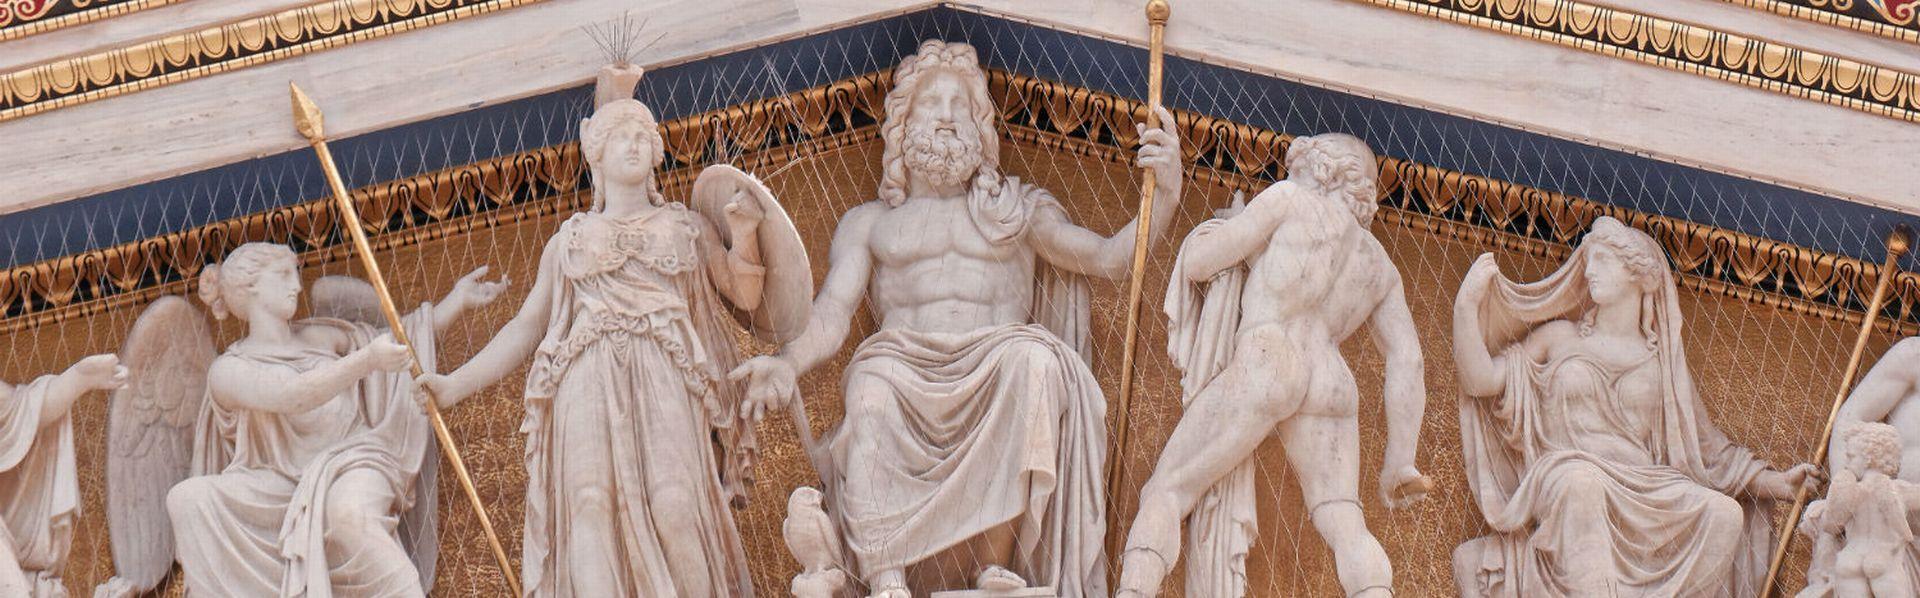 Le dossier sur la mythologie de RTS Découverte [© Dimitrios - Fotolia]